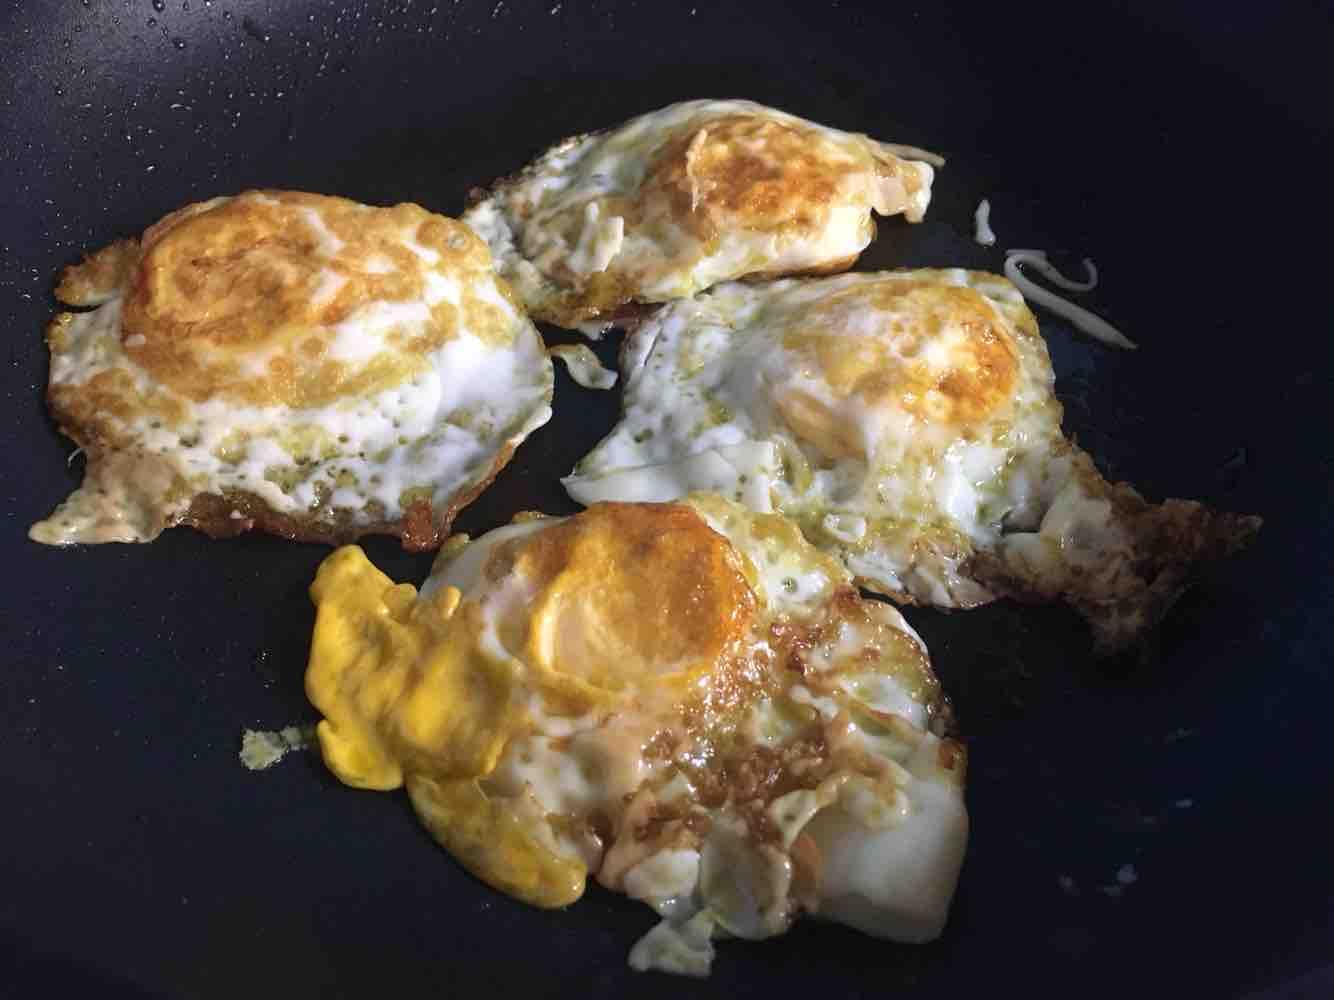 糖醋荷包蛋的简单做法